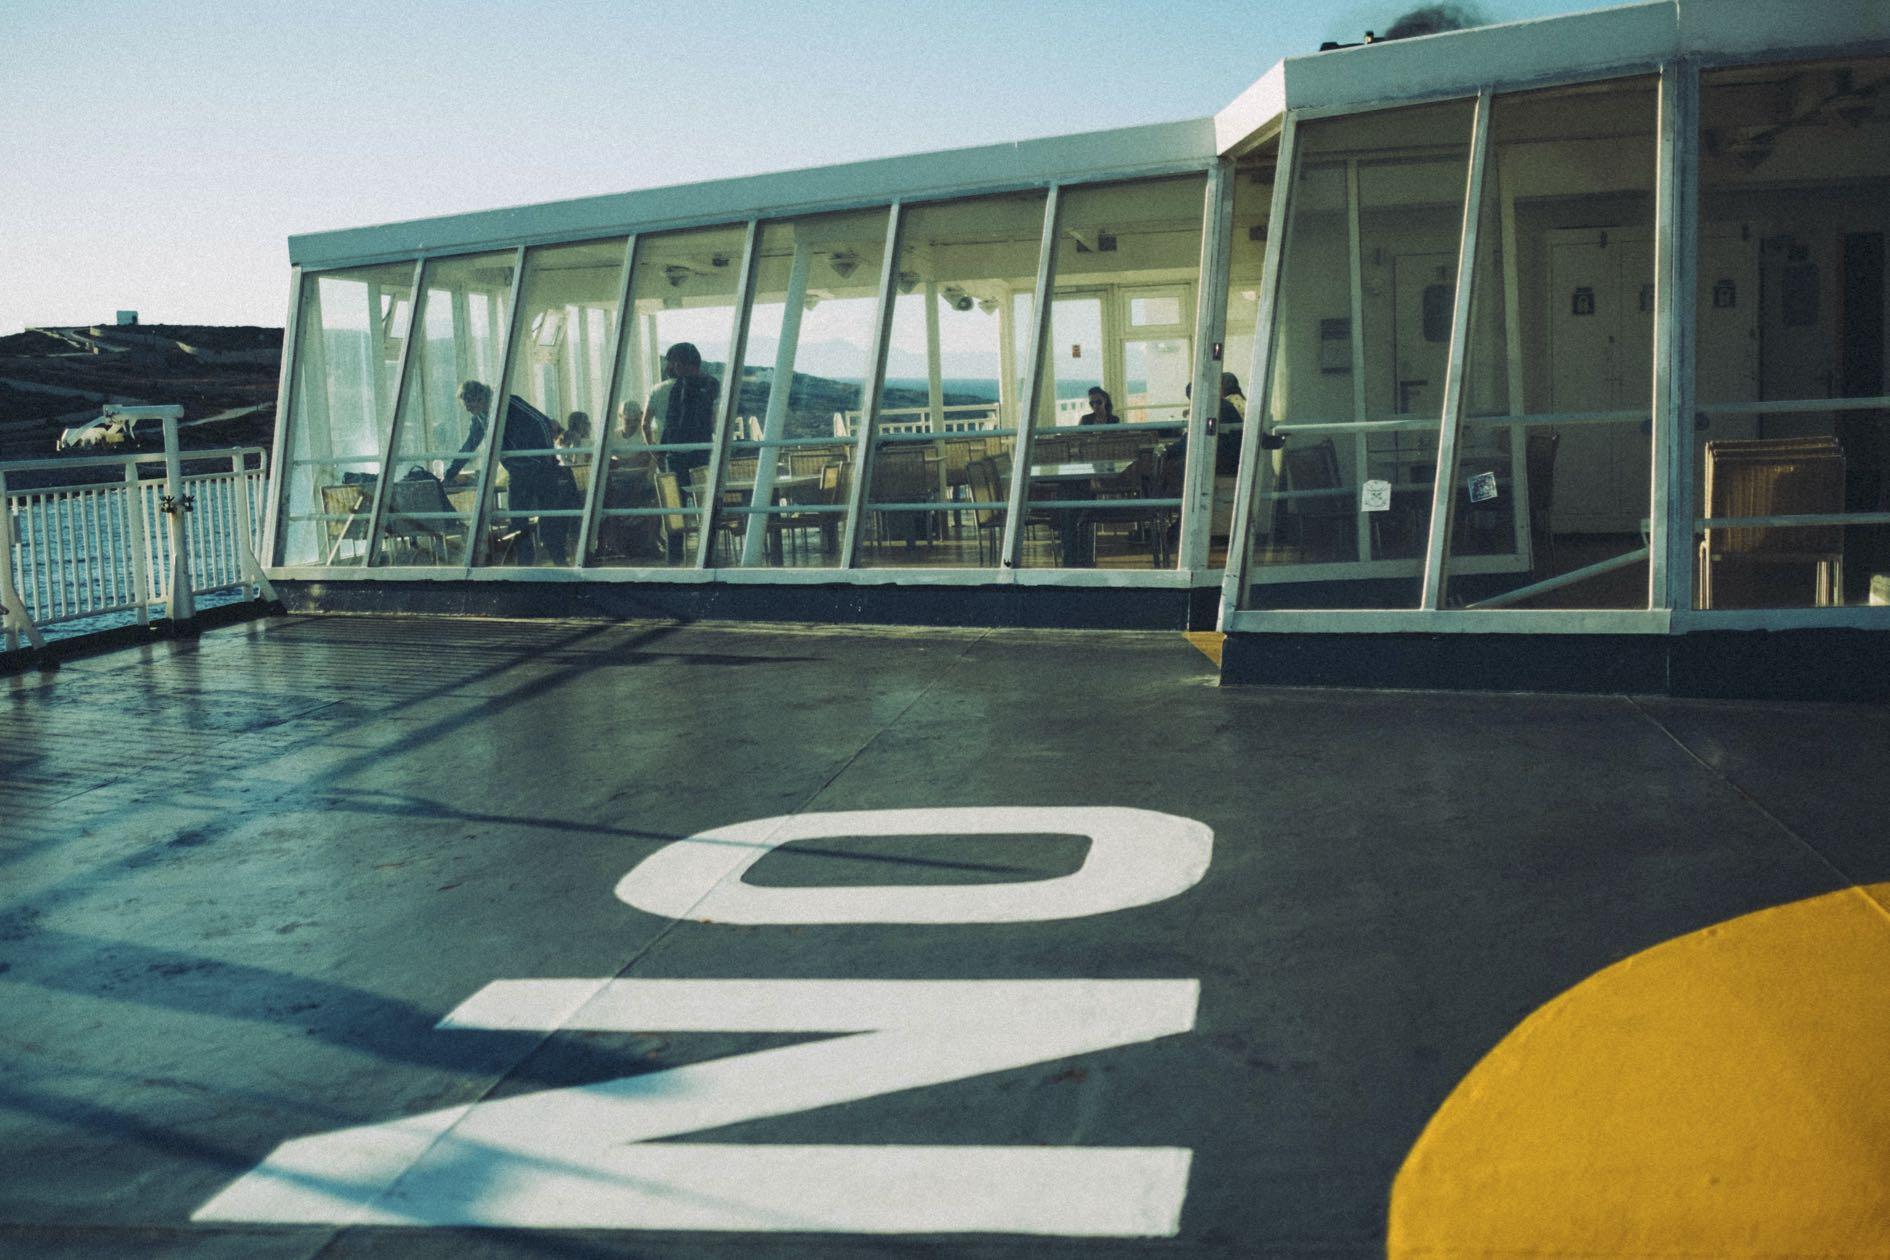 09 grec ferries @laurent parienti